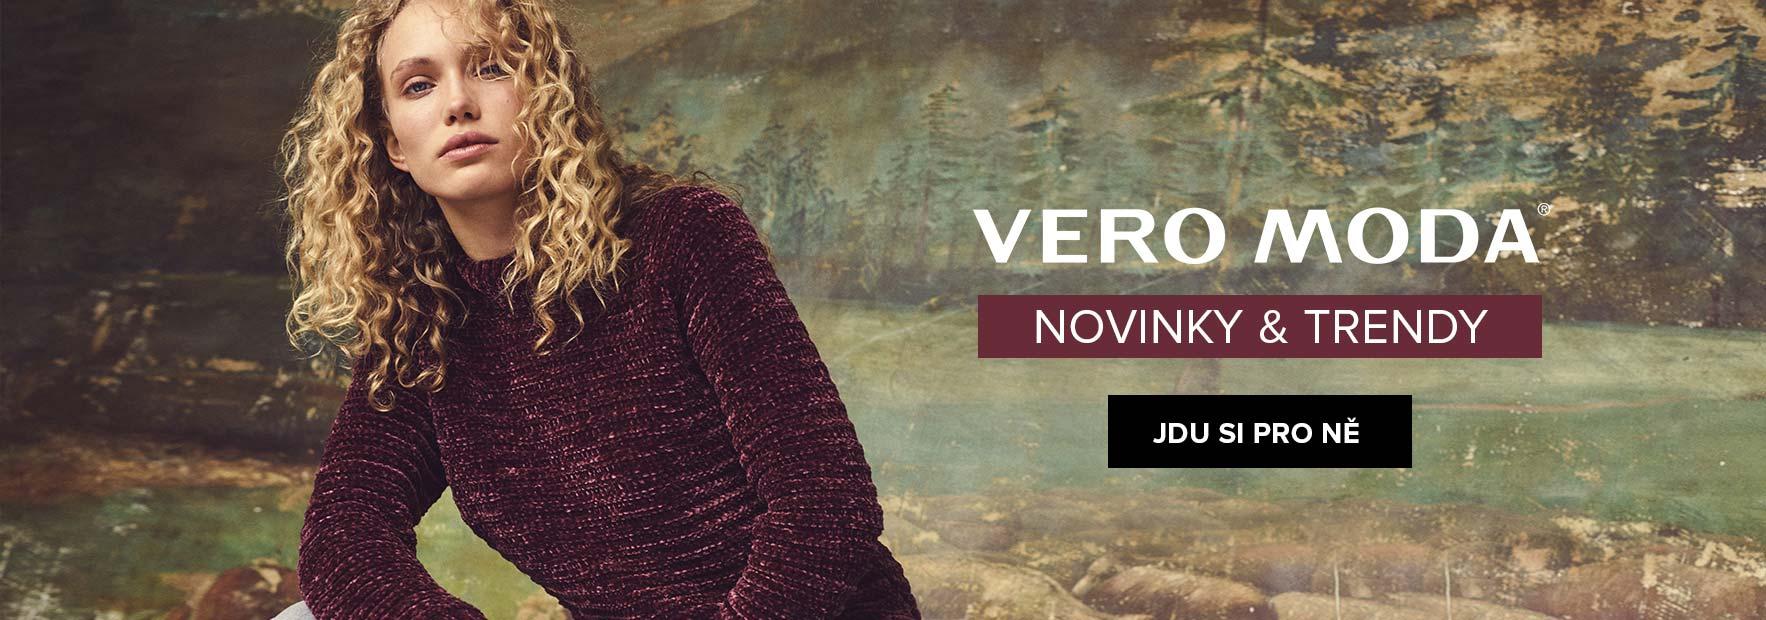 Novinky & trendy od VERO MODA